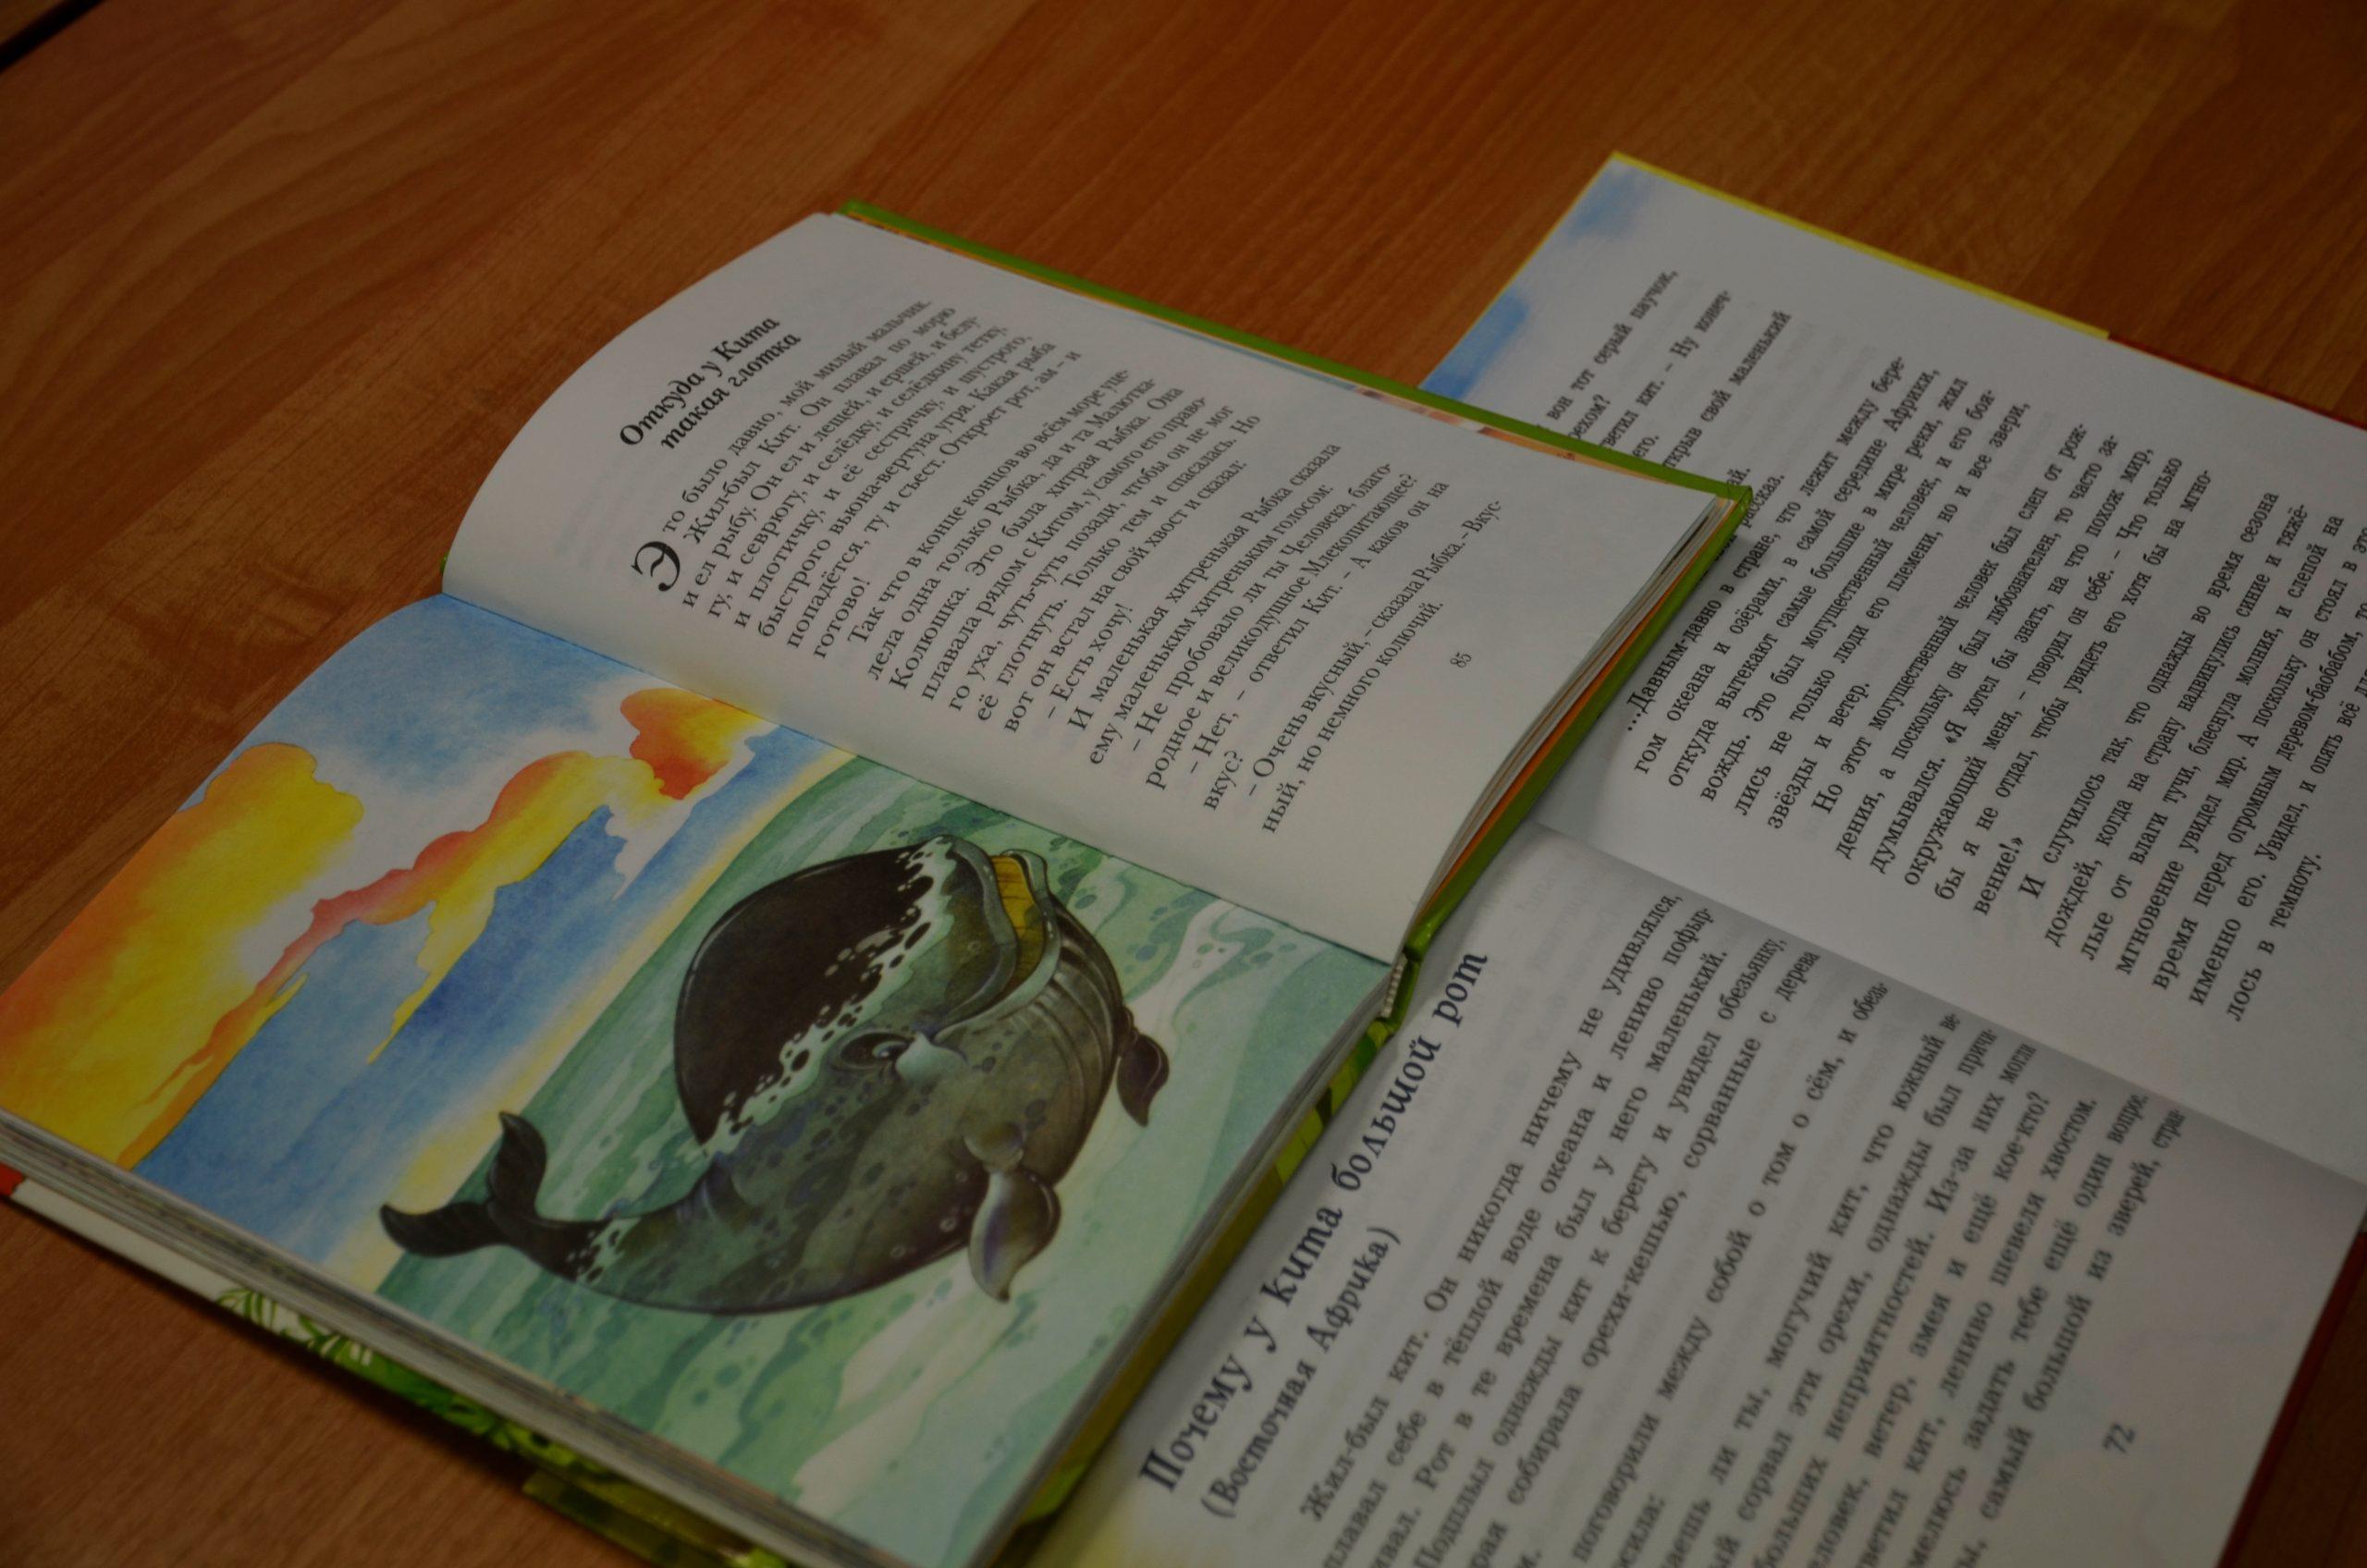 Мероприятие о детской и юношеской литературе проведут представители Центра культуры и спорта «Филимонковское»